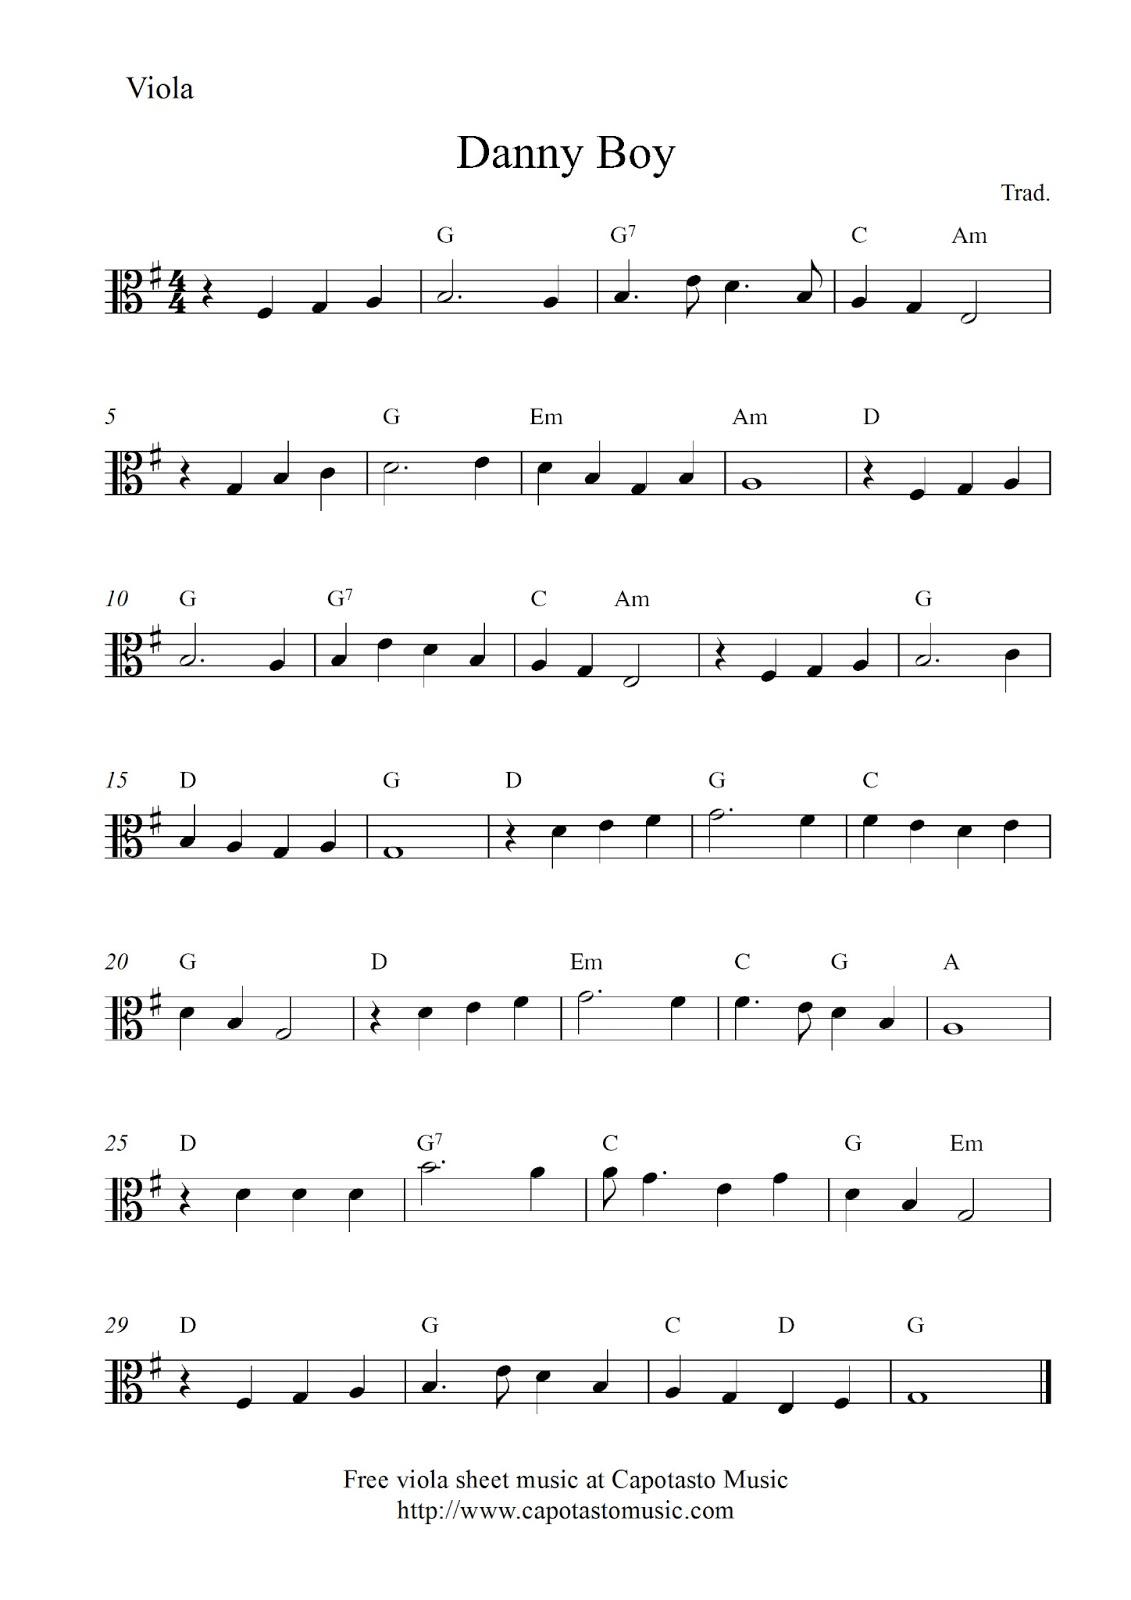 Free viola sheet music score, Danny Boy